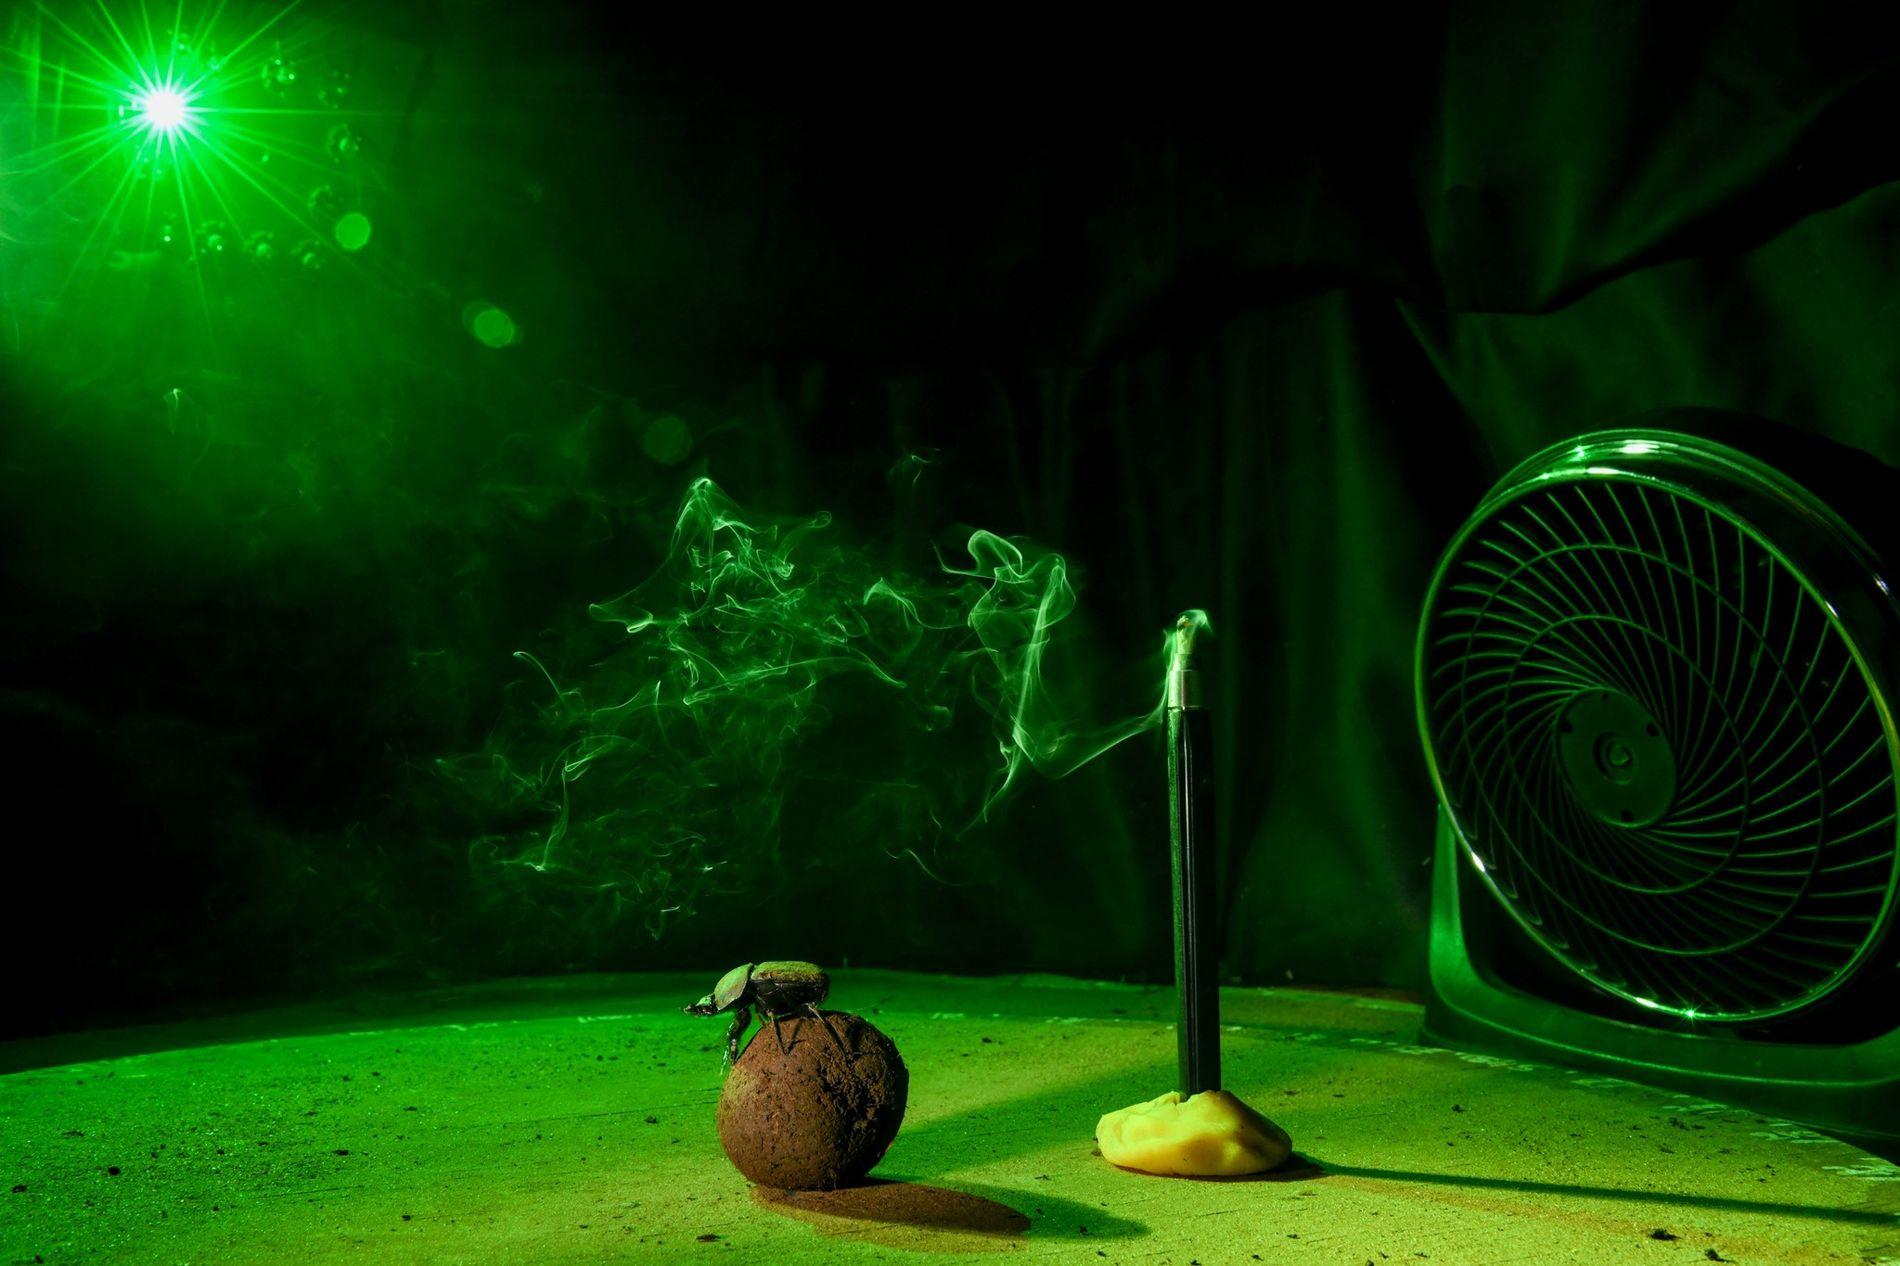 """No laboratório, um escaravelho pausa para reparar na direção do vento e na localização do """"sol"""" (um LED verde), em preparação para empurrar a sua bola de excrementos para um lugar seguro."""